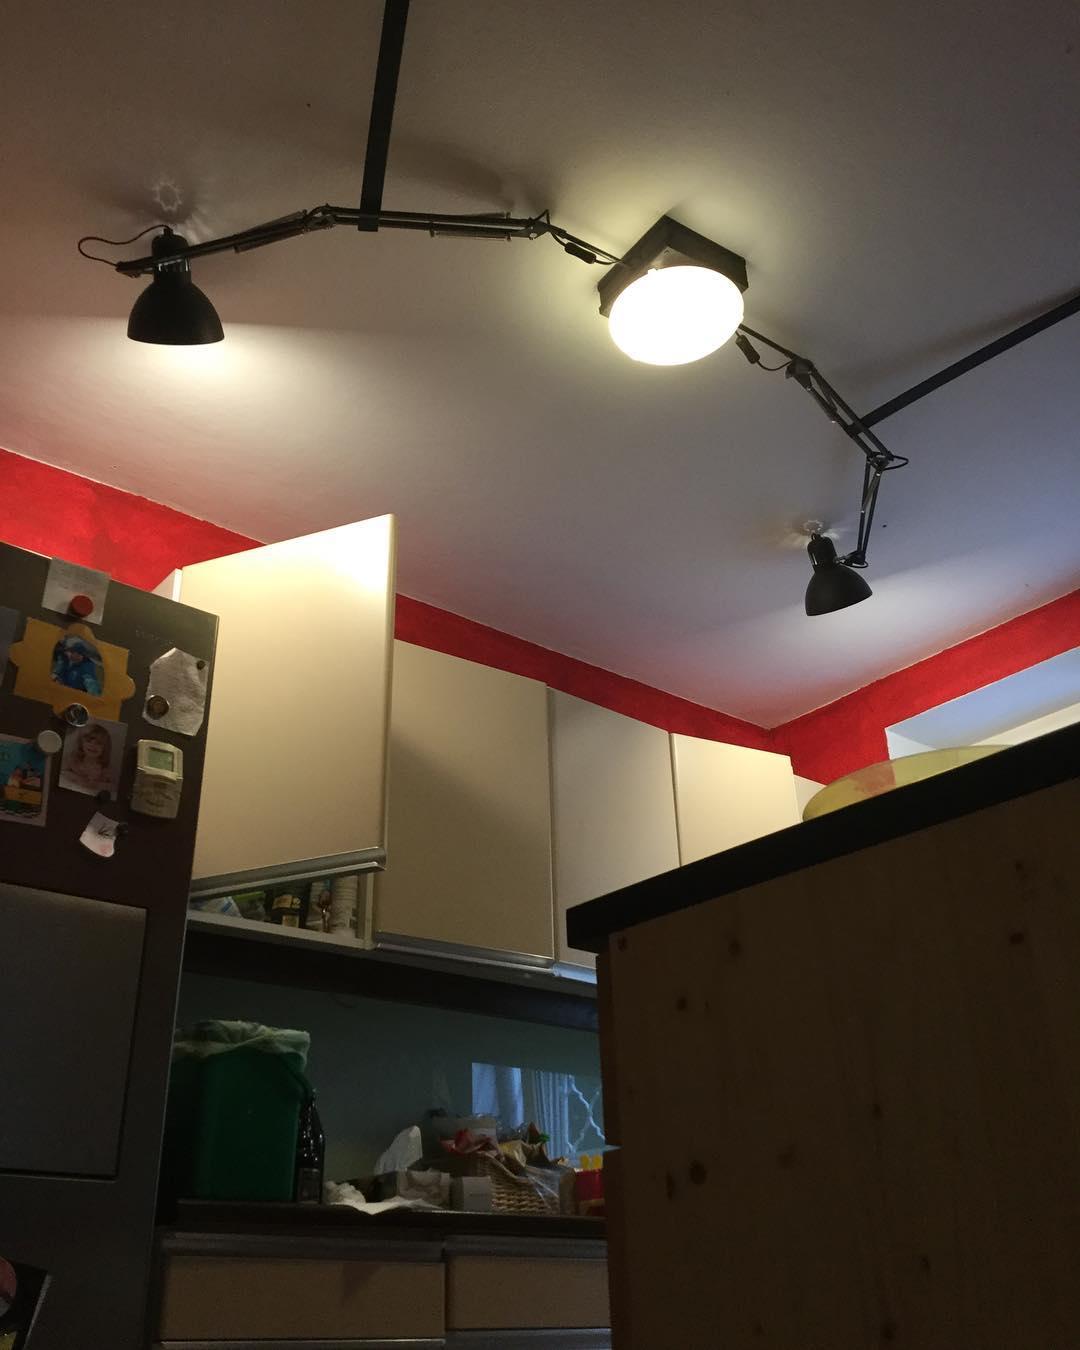 Full Size of Lampe Küche Eine Fr Kche Dictum Handwerksgalerie Günstig Mit Elektrogeräten Nolte Müllsystem Ohne Geräte Wasserhahn Schnittschutzhandschuhe Wohnzimmer Lampe Küche